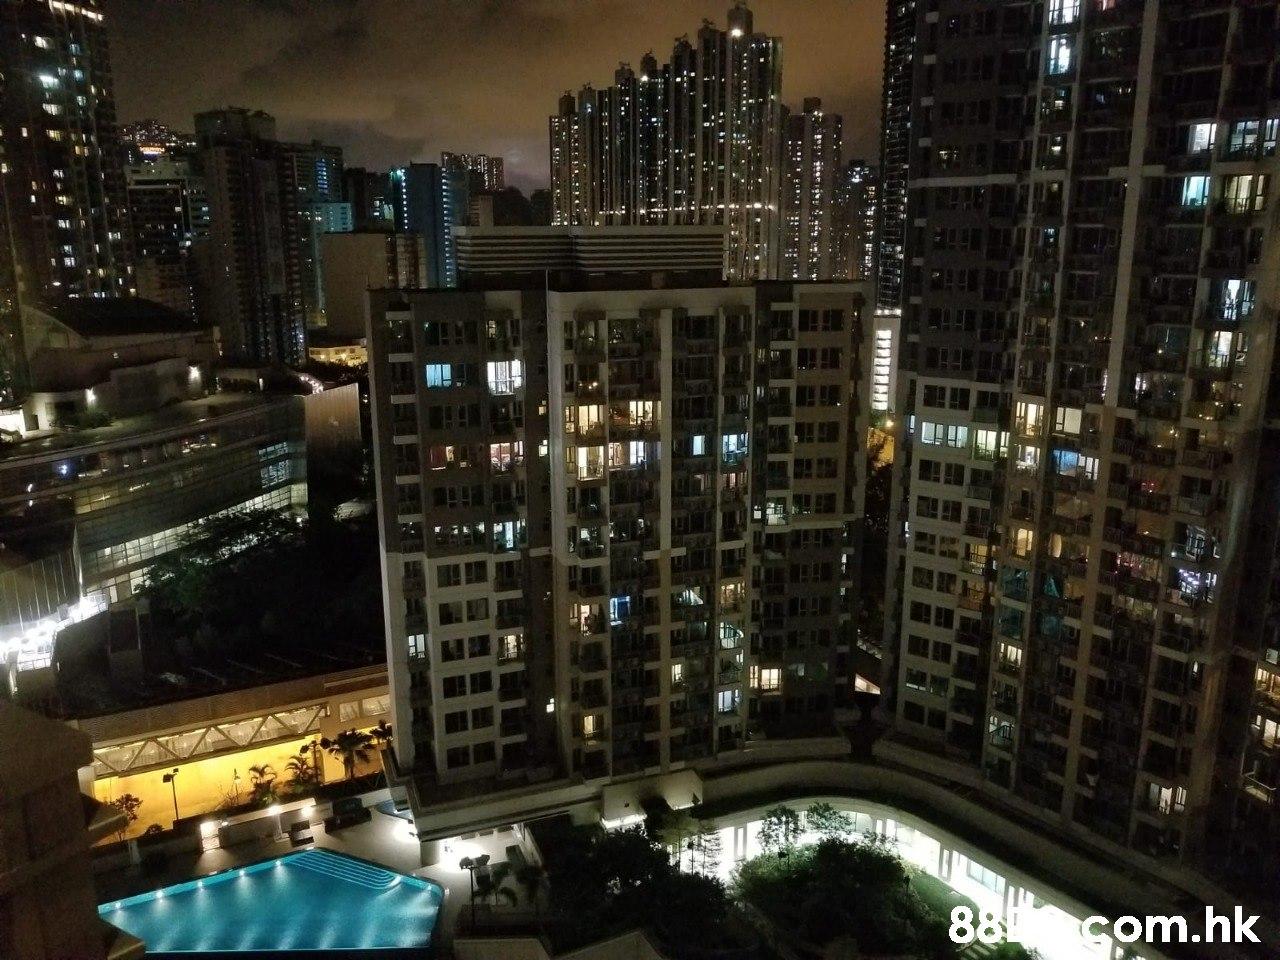 8& com.hk  Metropolitan area,Cityscape,Metropolis,City,Urban area